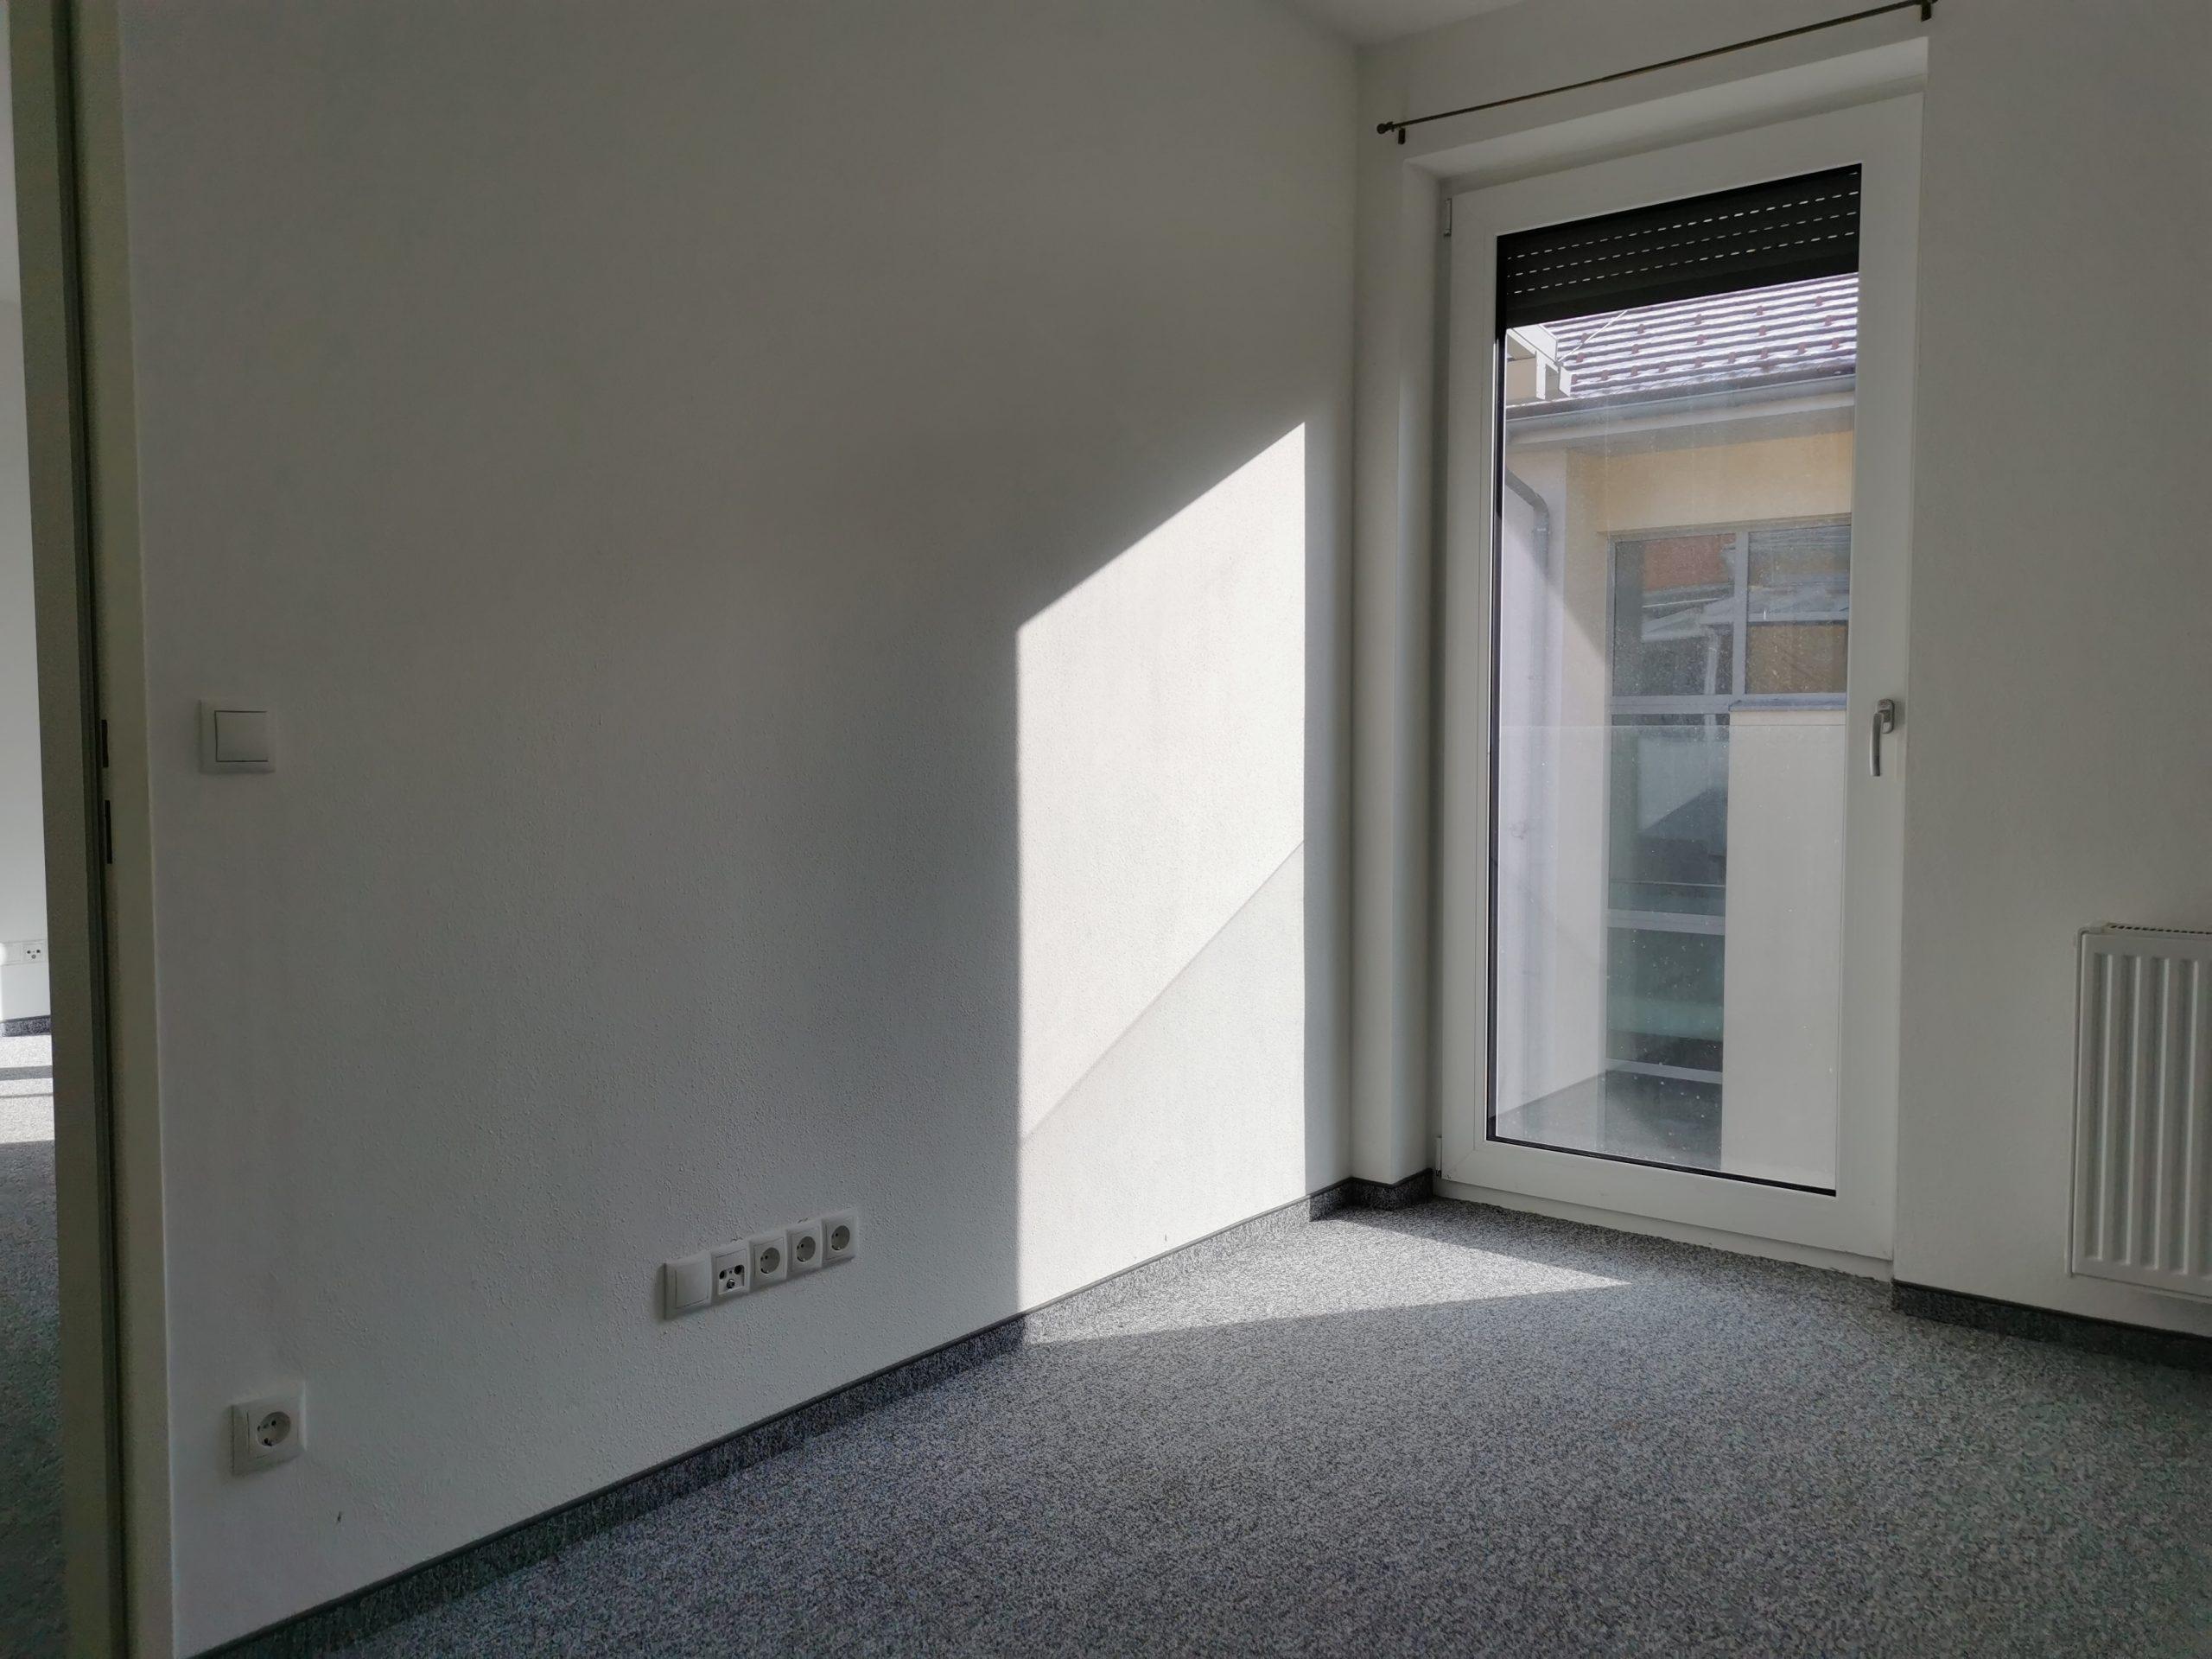 Immobilie von Kamptal in 2184 Hauskirchen, Gänserndorf, Hauskirchen I/2 - Top 5 #2